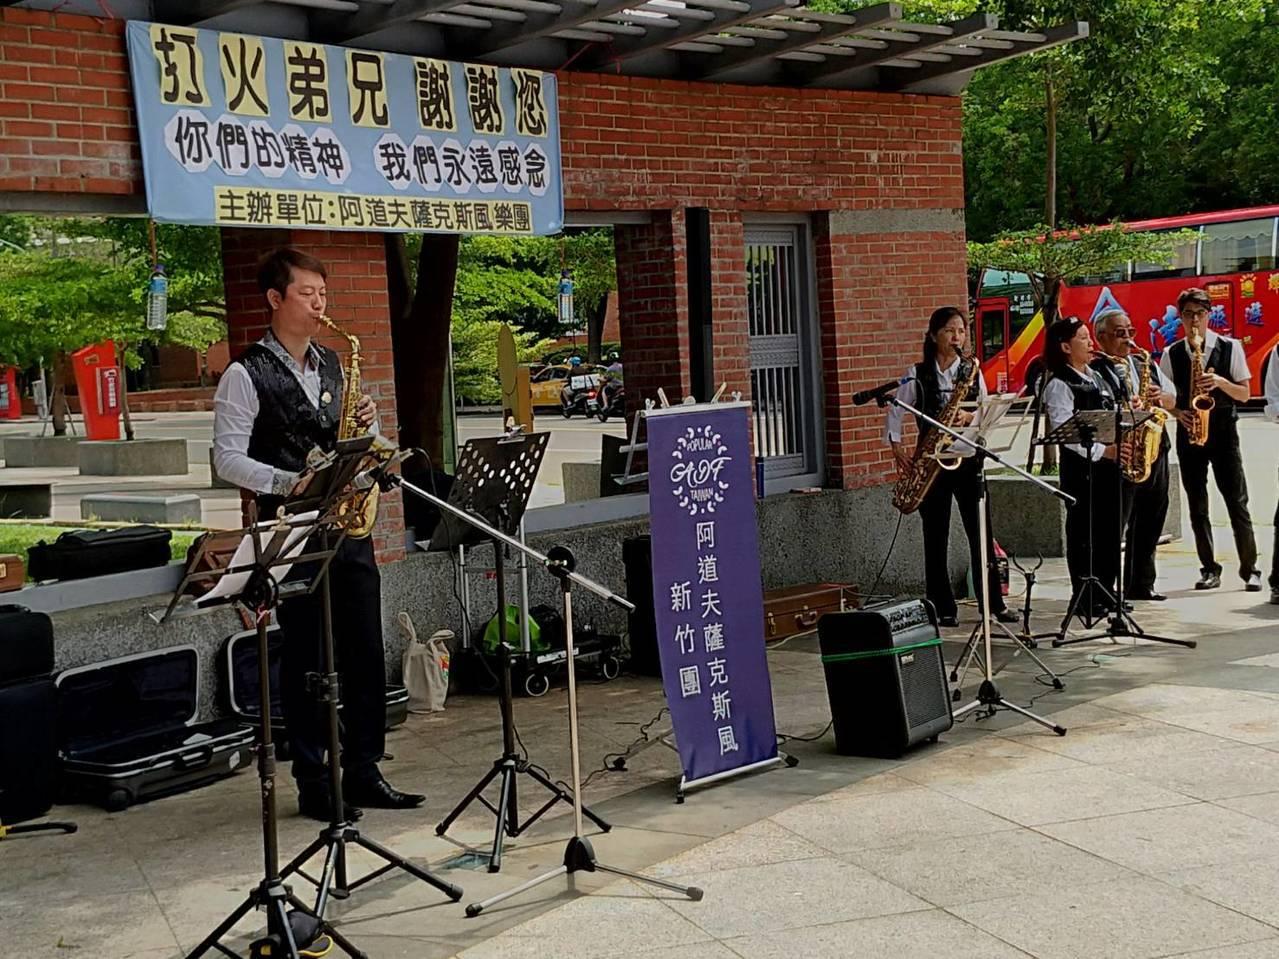 民間發起在竹北市文化中心對面公園吹薩克斯風,悼念去世的消防員 圖林志榮/提供